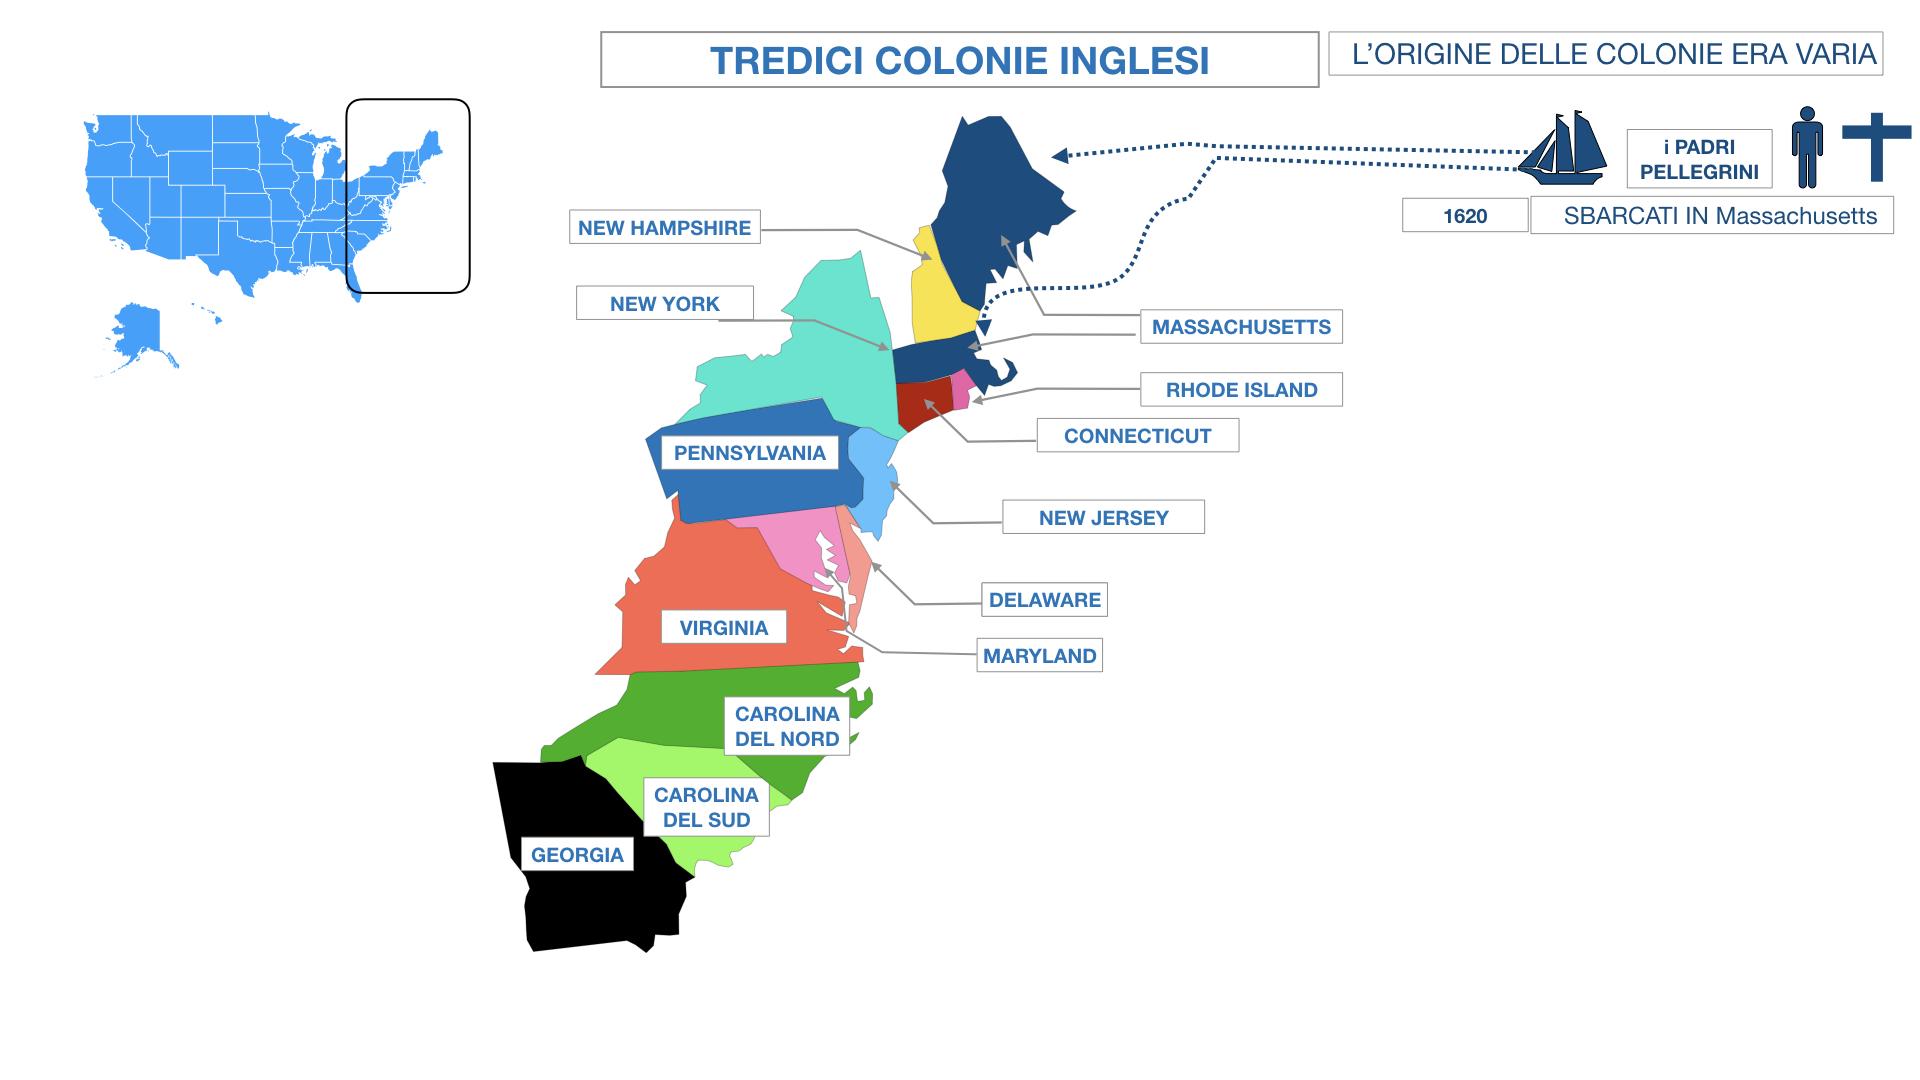 AMERICA LE TREDICI COLONIE INGLESI SIMULAZIONE.041